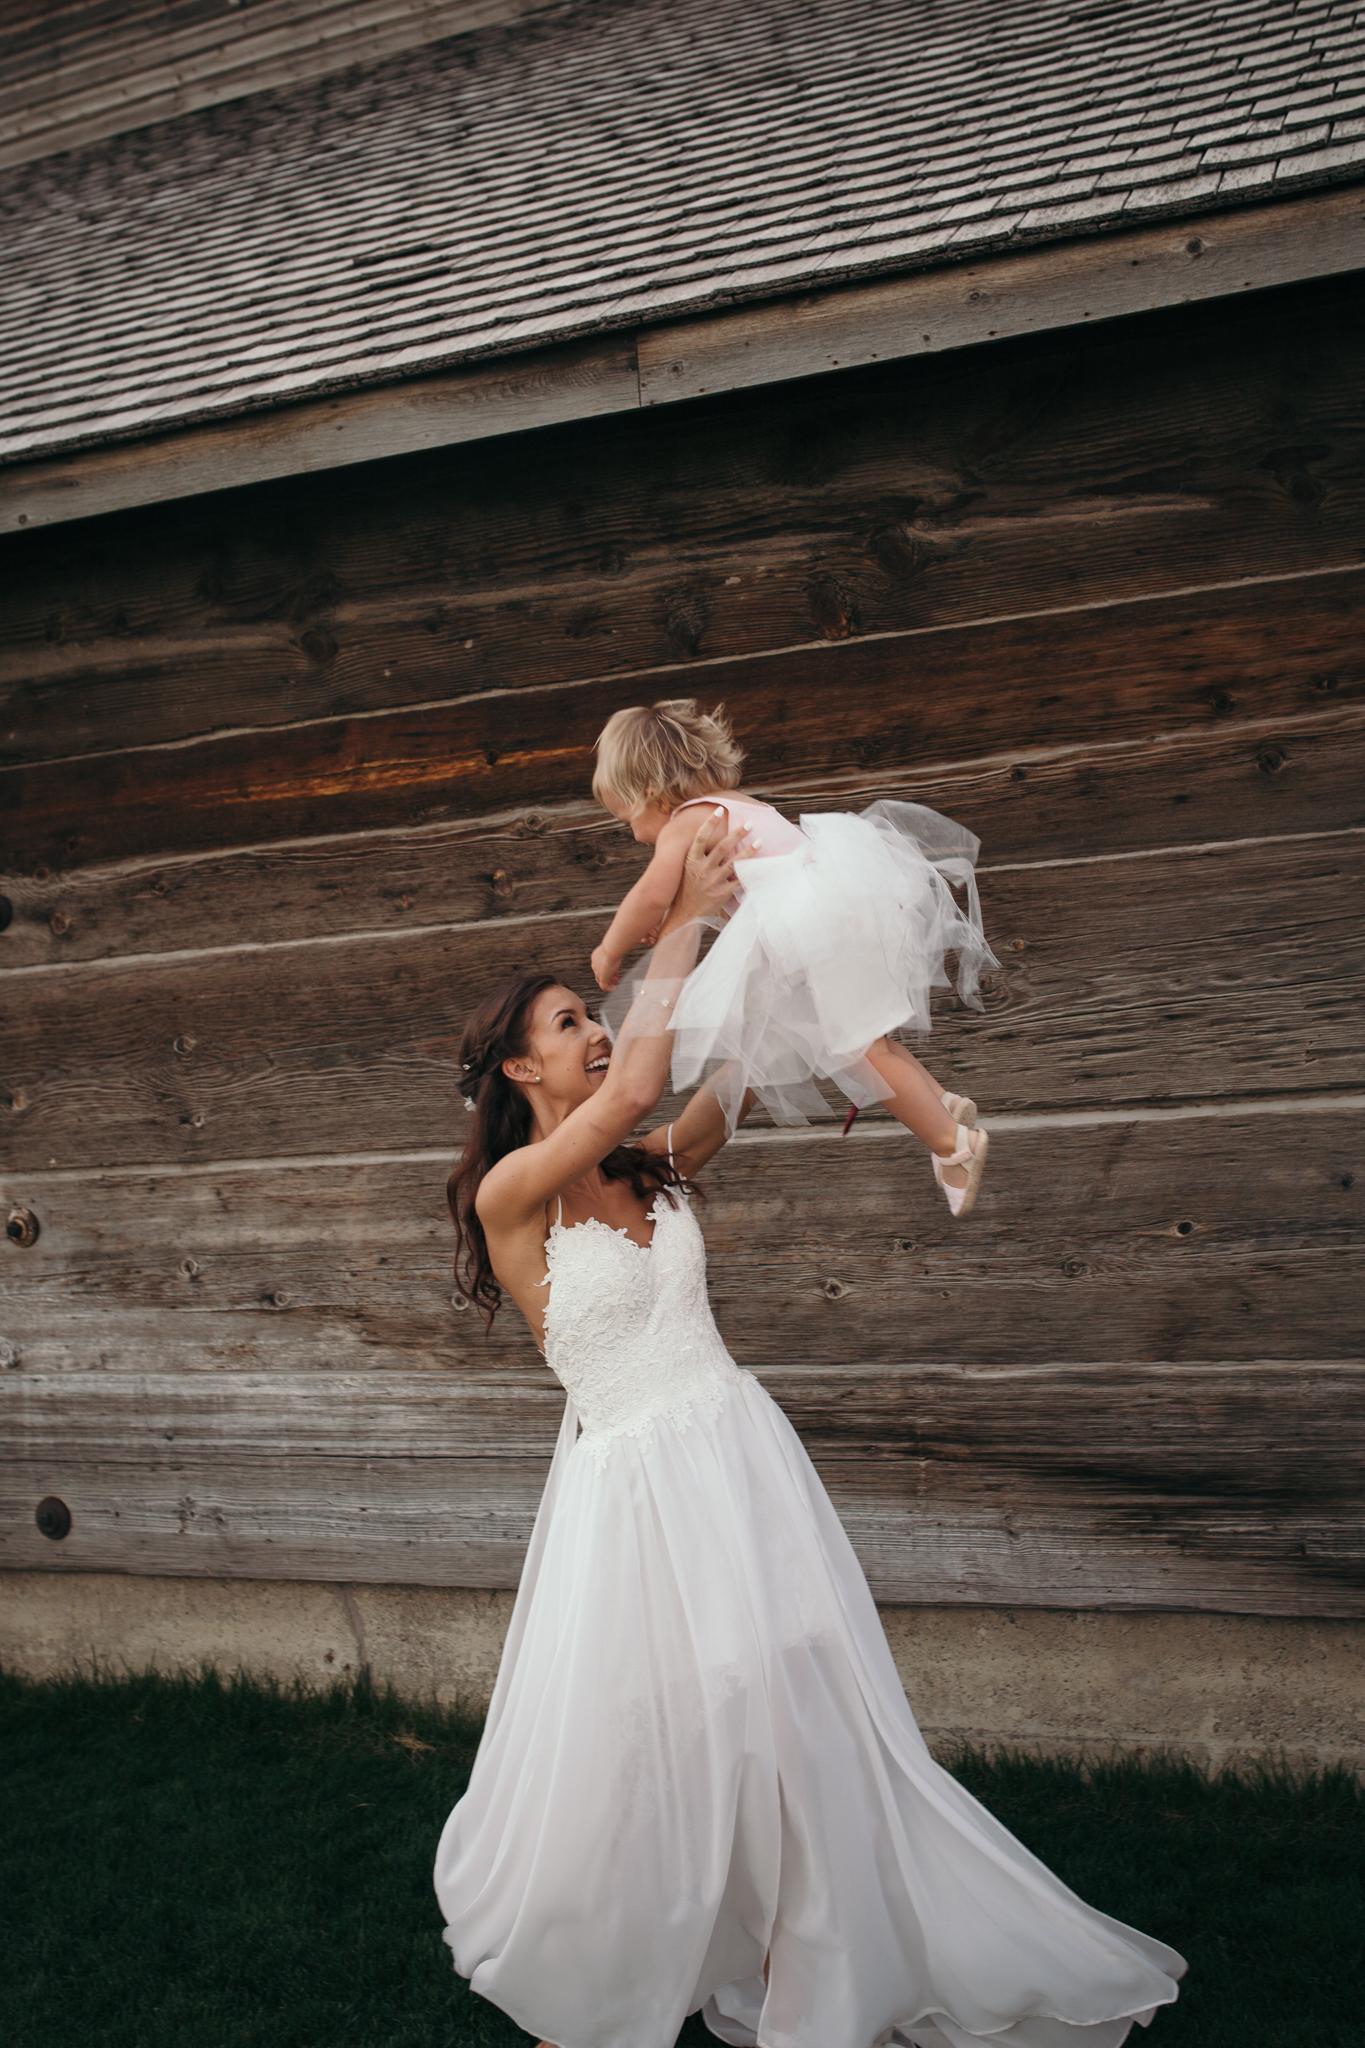 Ingram_Wedding_72-85.jpg